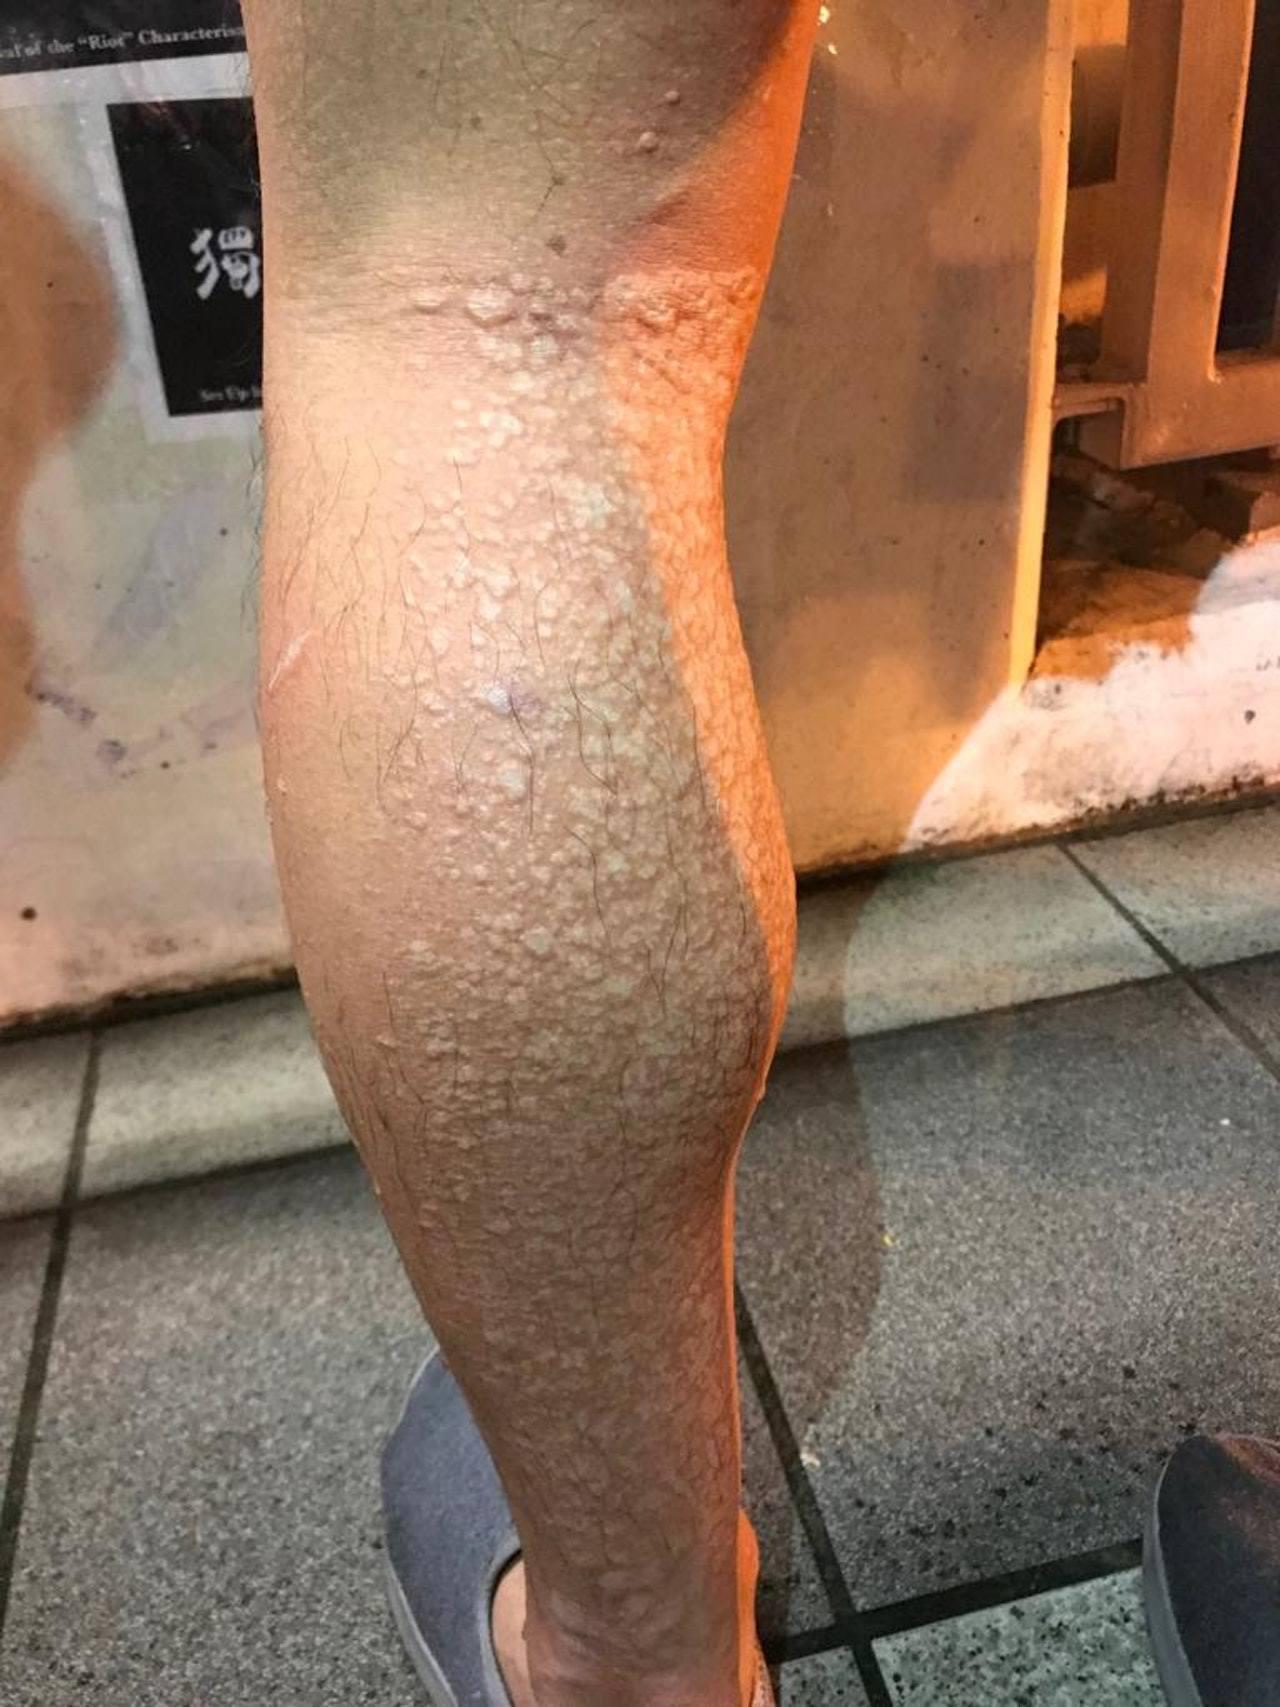 傷者腿部被不明液體濺傷,冒出多個水泡。圖片提供/香港01